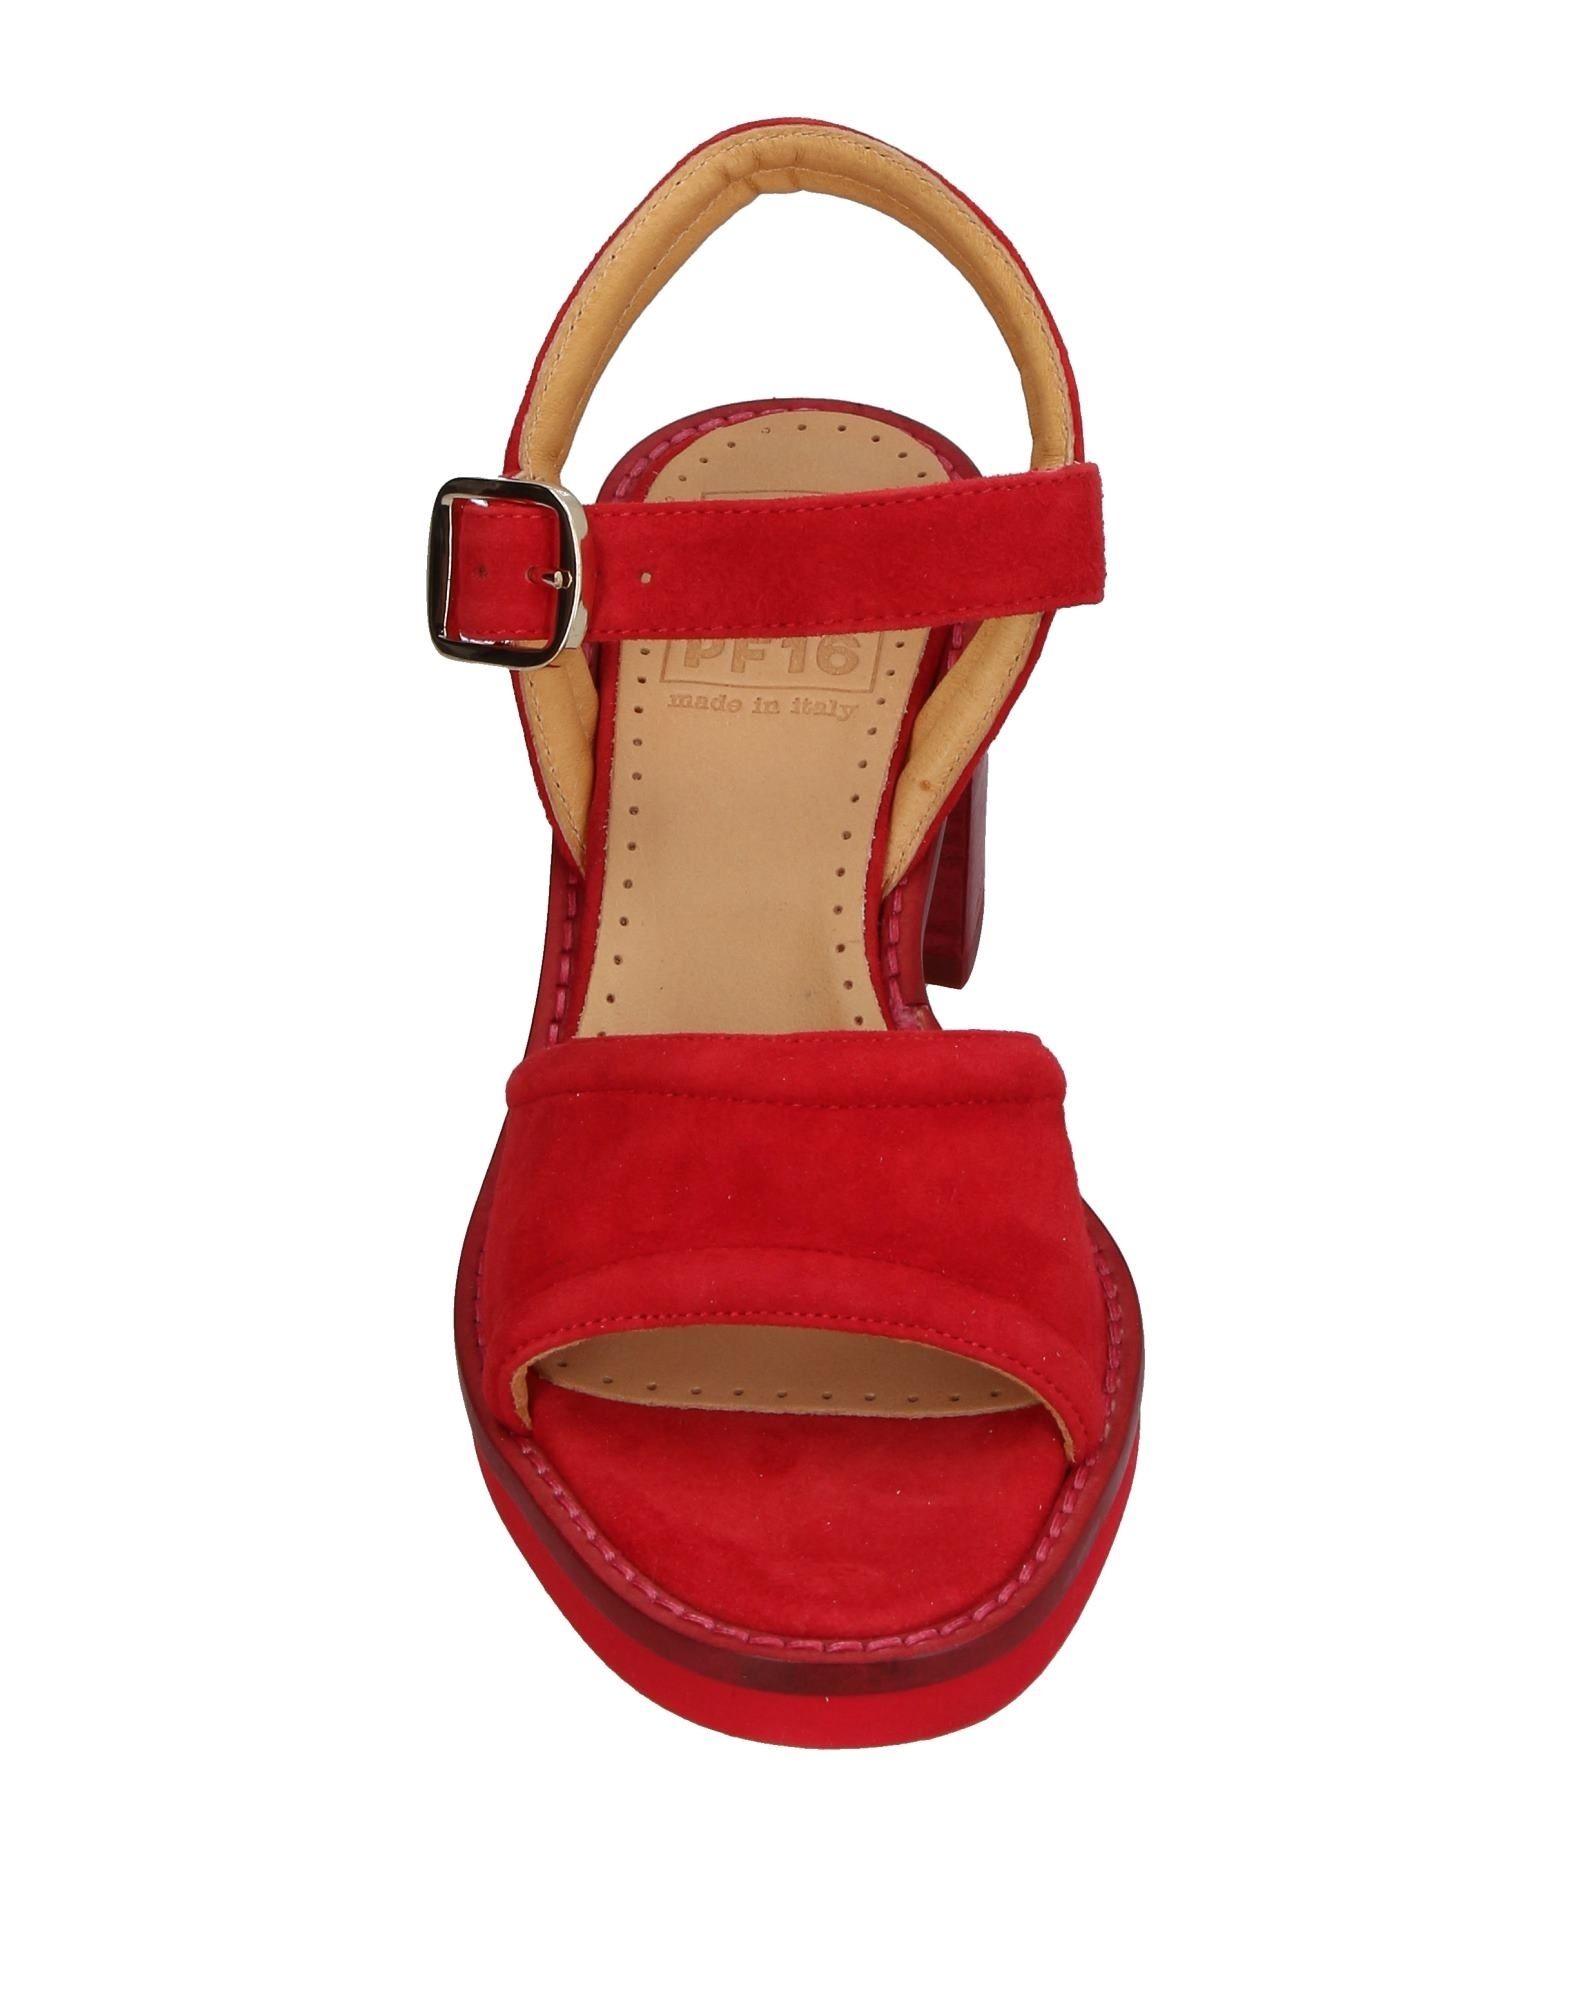 Pf16 Sandalen Sandalen Pf16 Damen Gutes Preis-Leistungs-Verhältnis, es lohnt sich 2586f1